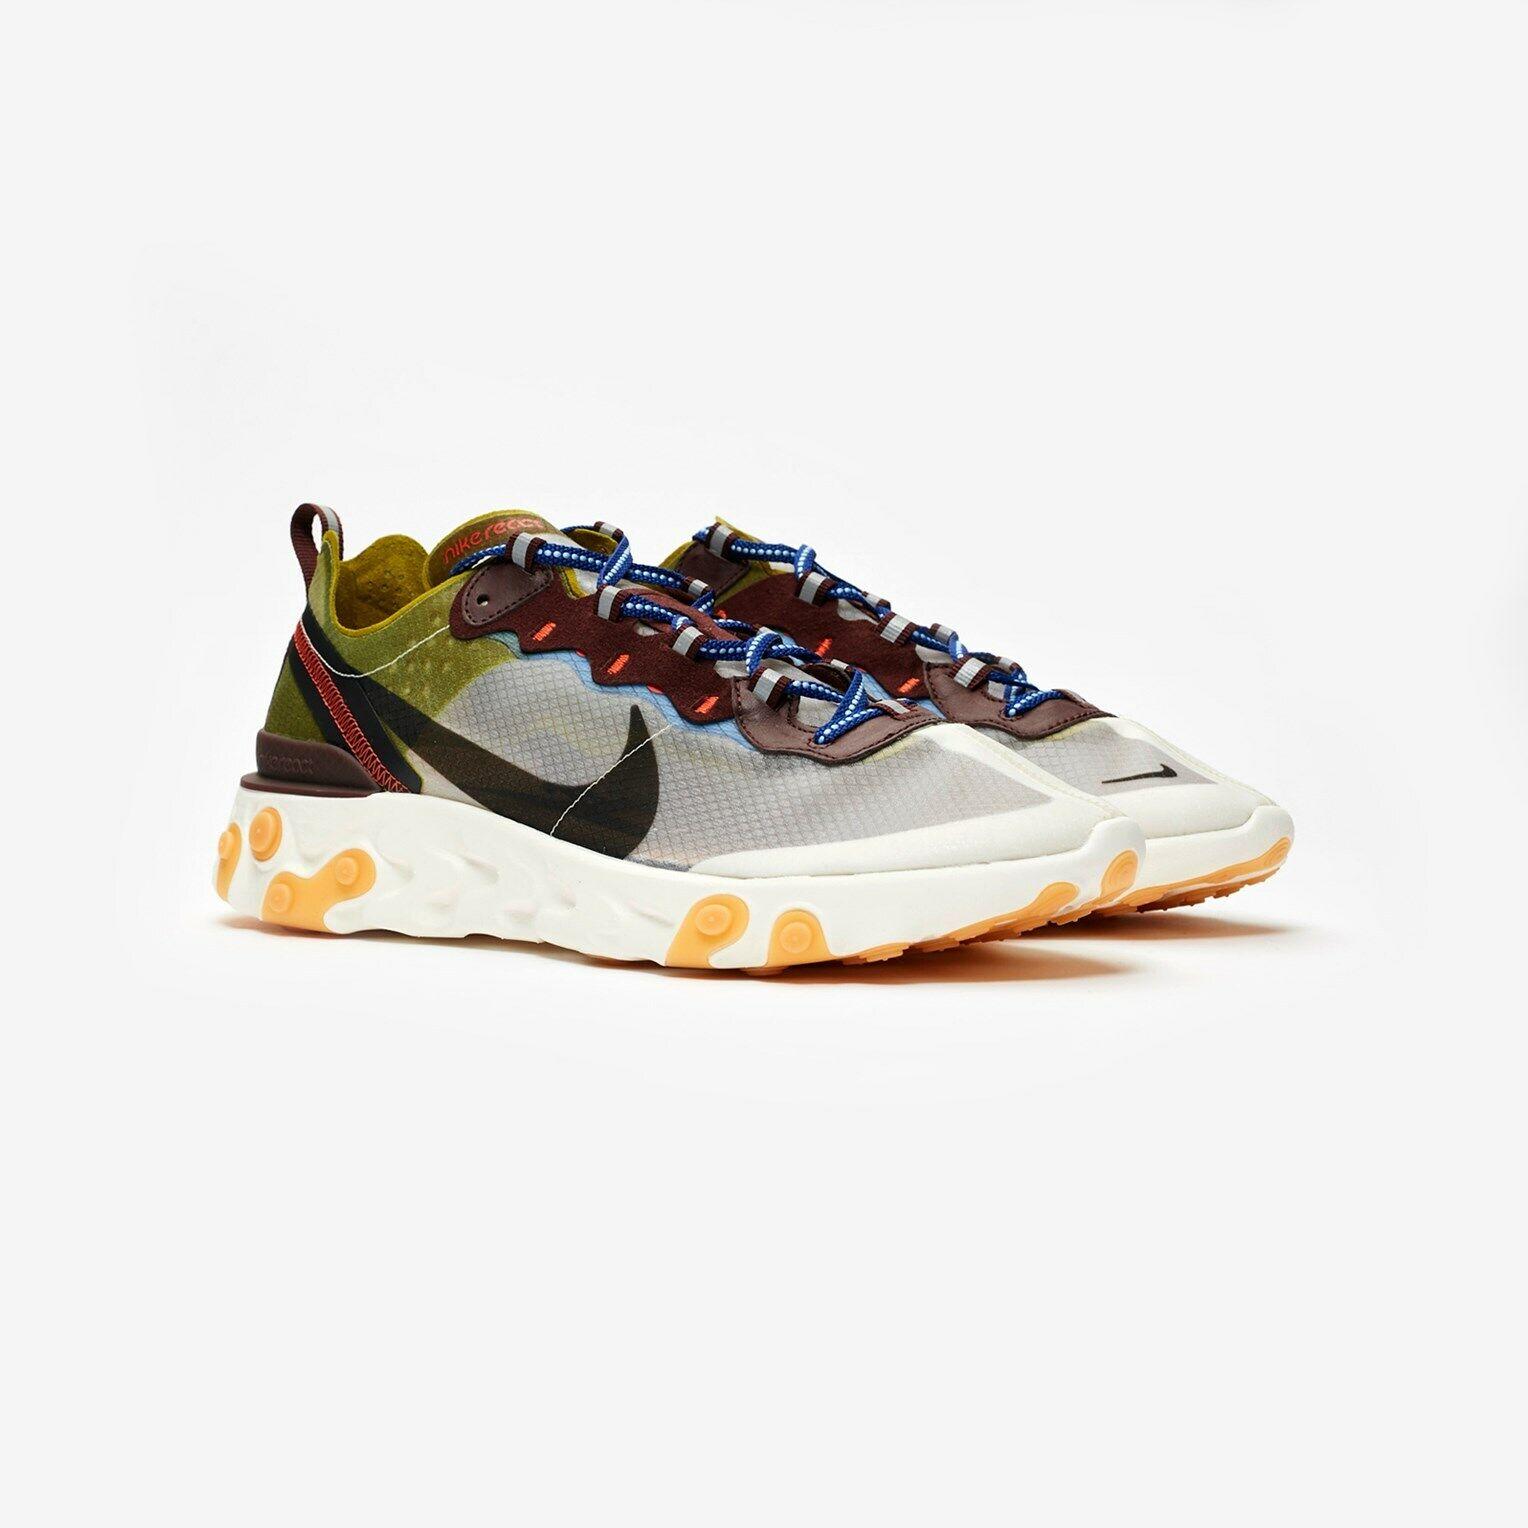 Nike réagissent Element 87 Moss UK 7